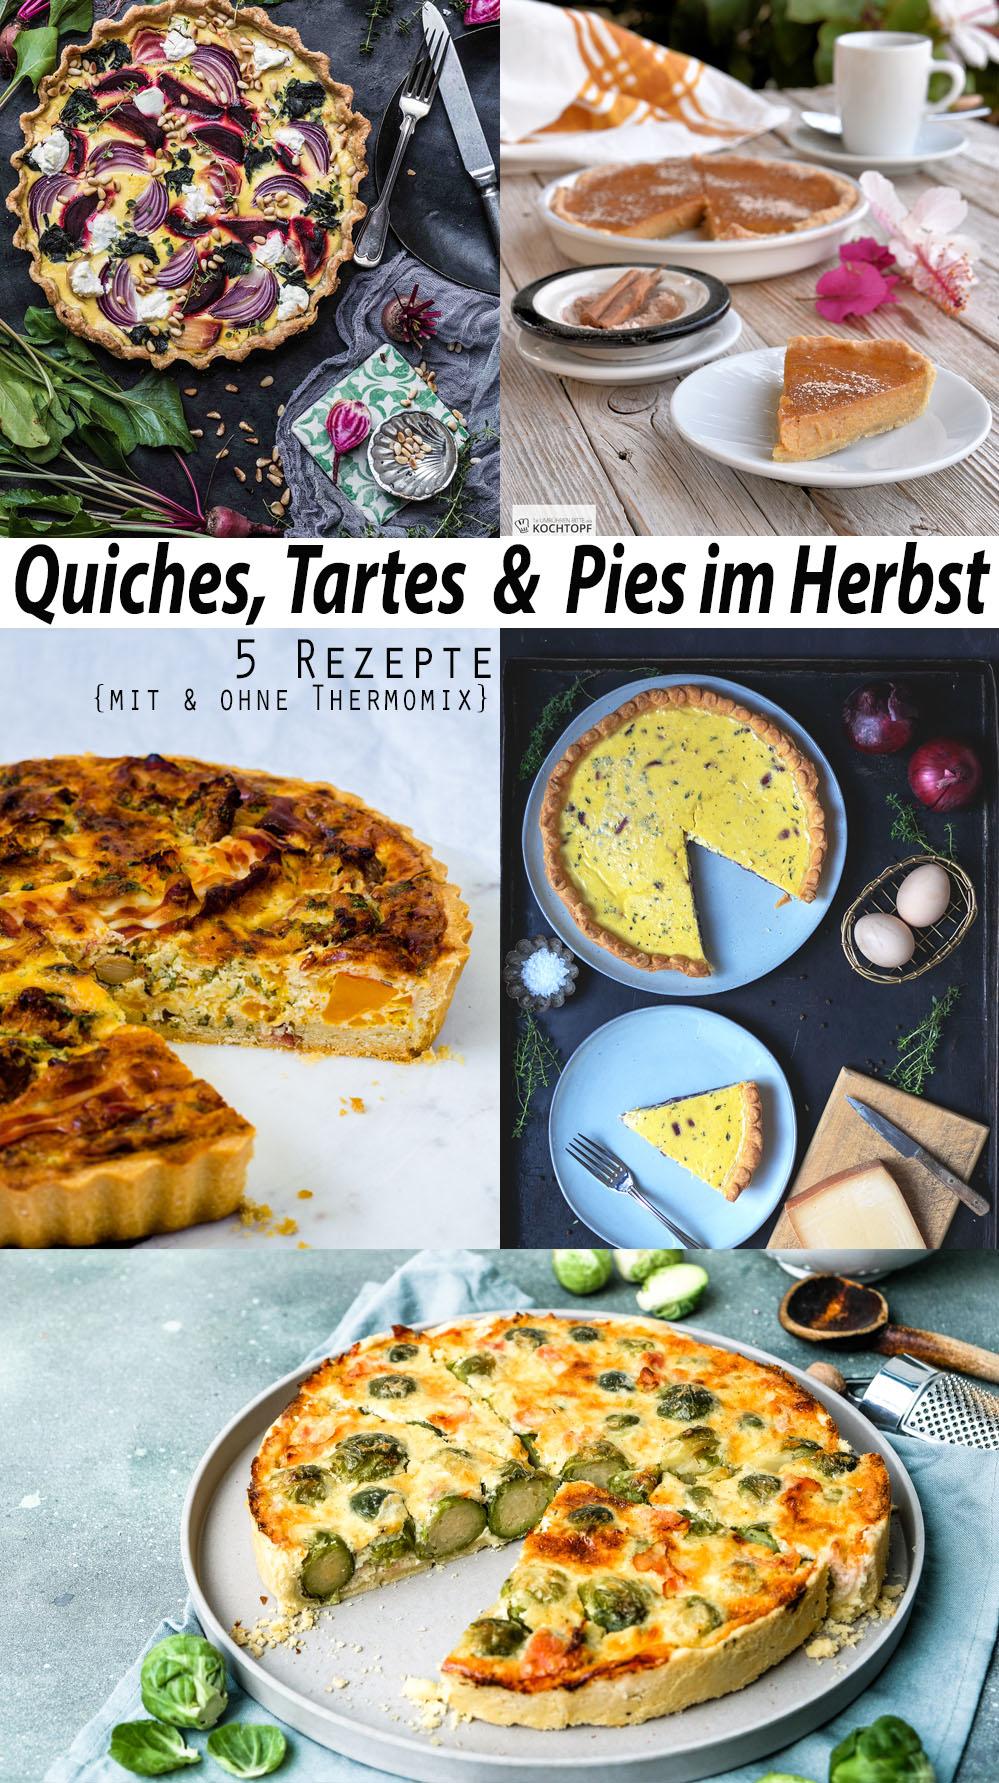 Quiche, Tarte und Pie im Herbst _ 5 Rezepte mit und ohne Thermomix #tmdonnerstag